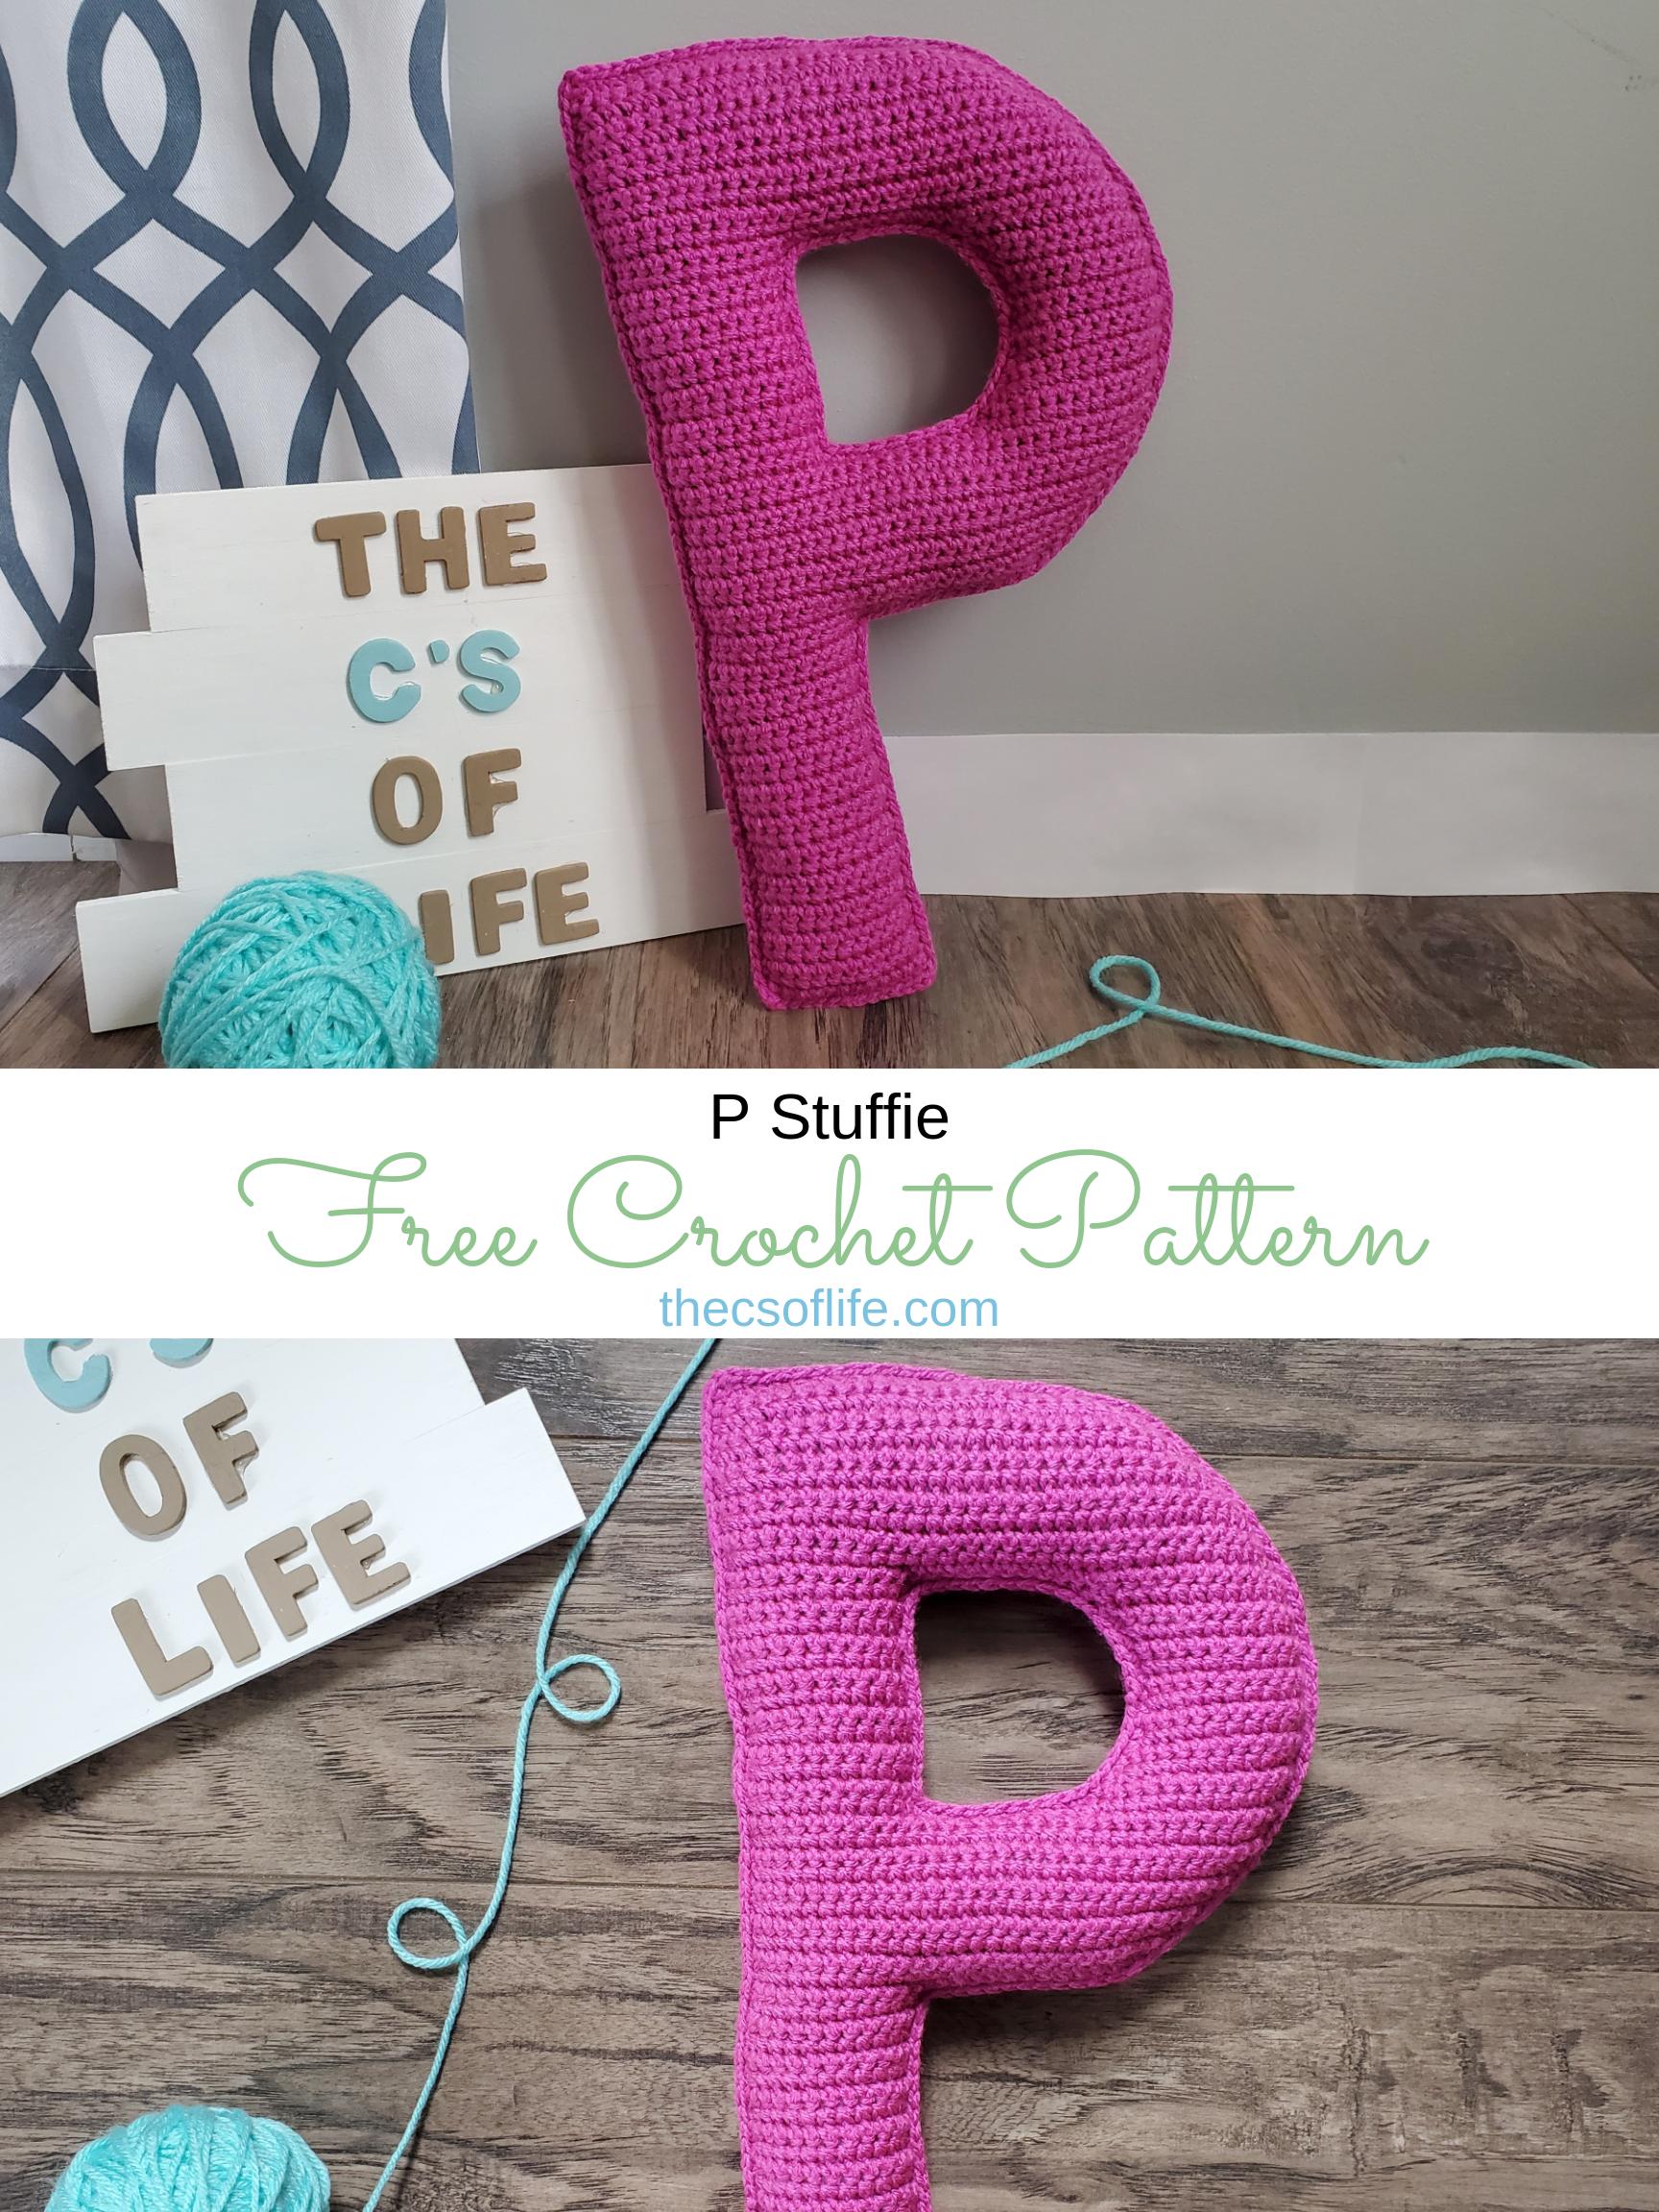 P Stuffie - Free Crochet Pattern